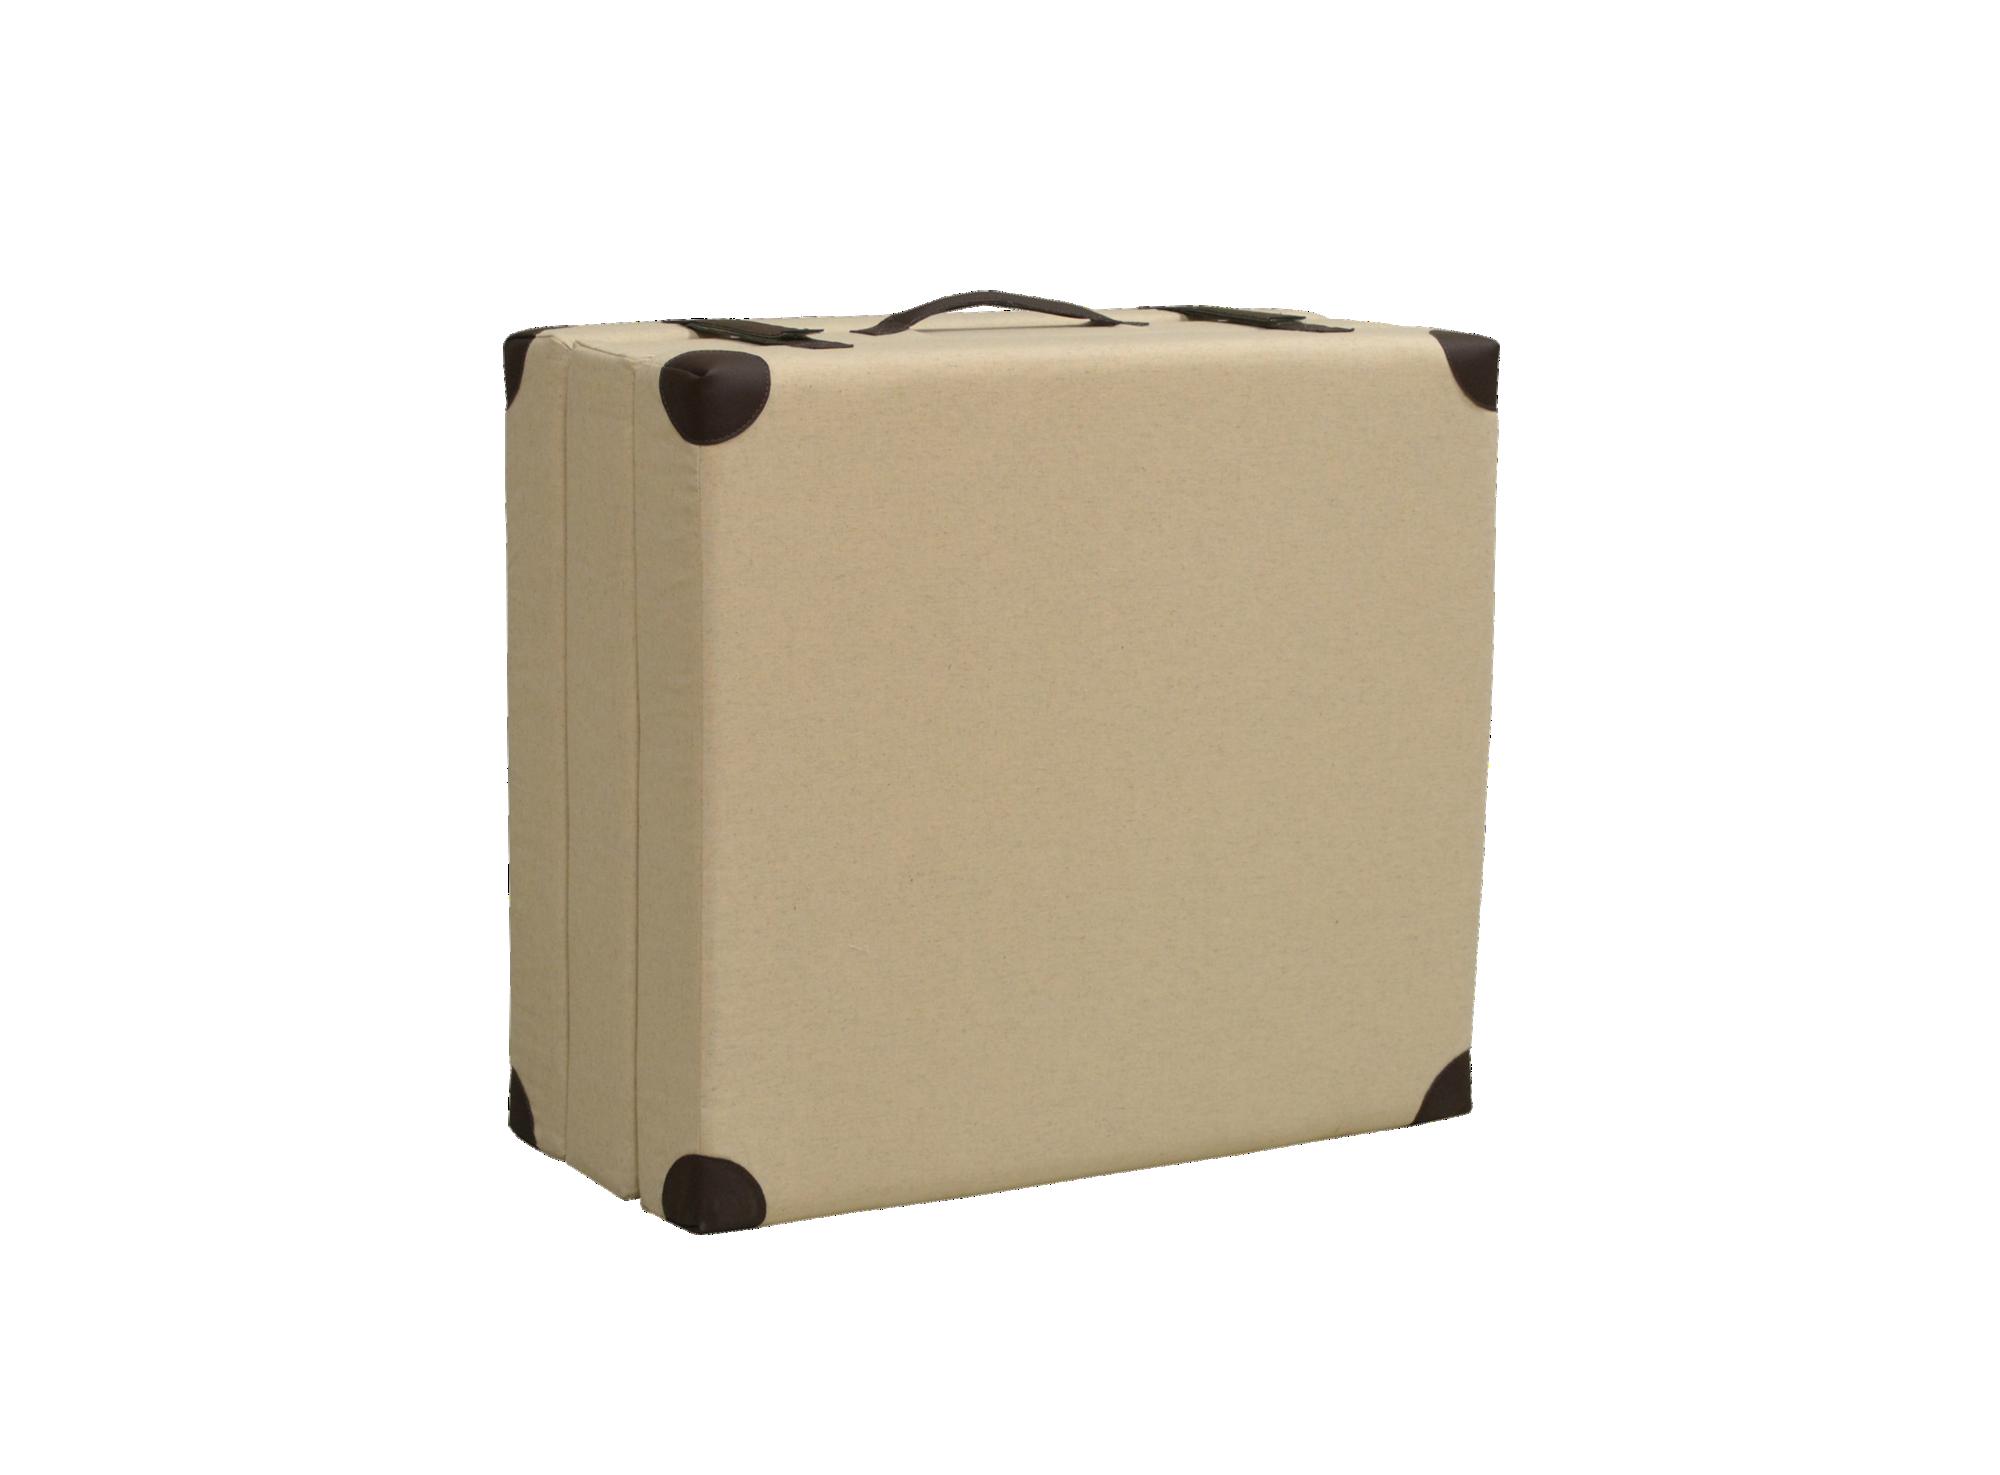 Lit d'appoint beige/choco pouf valise constitue de 3 plis mousse depl ...